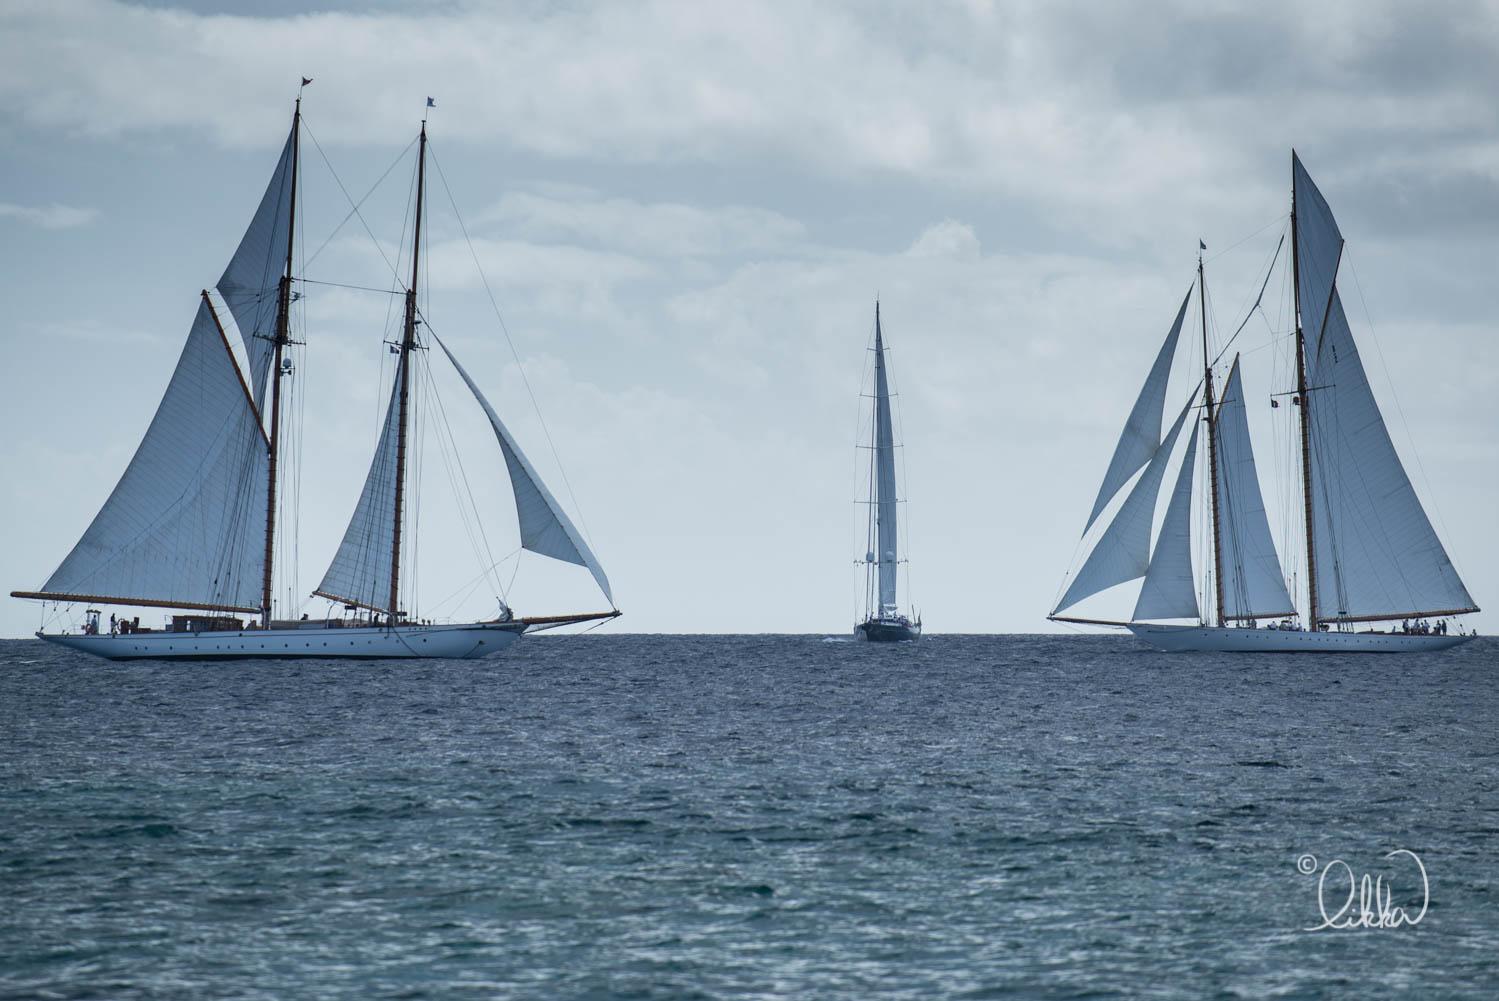 regatta-likka-150.jpg